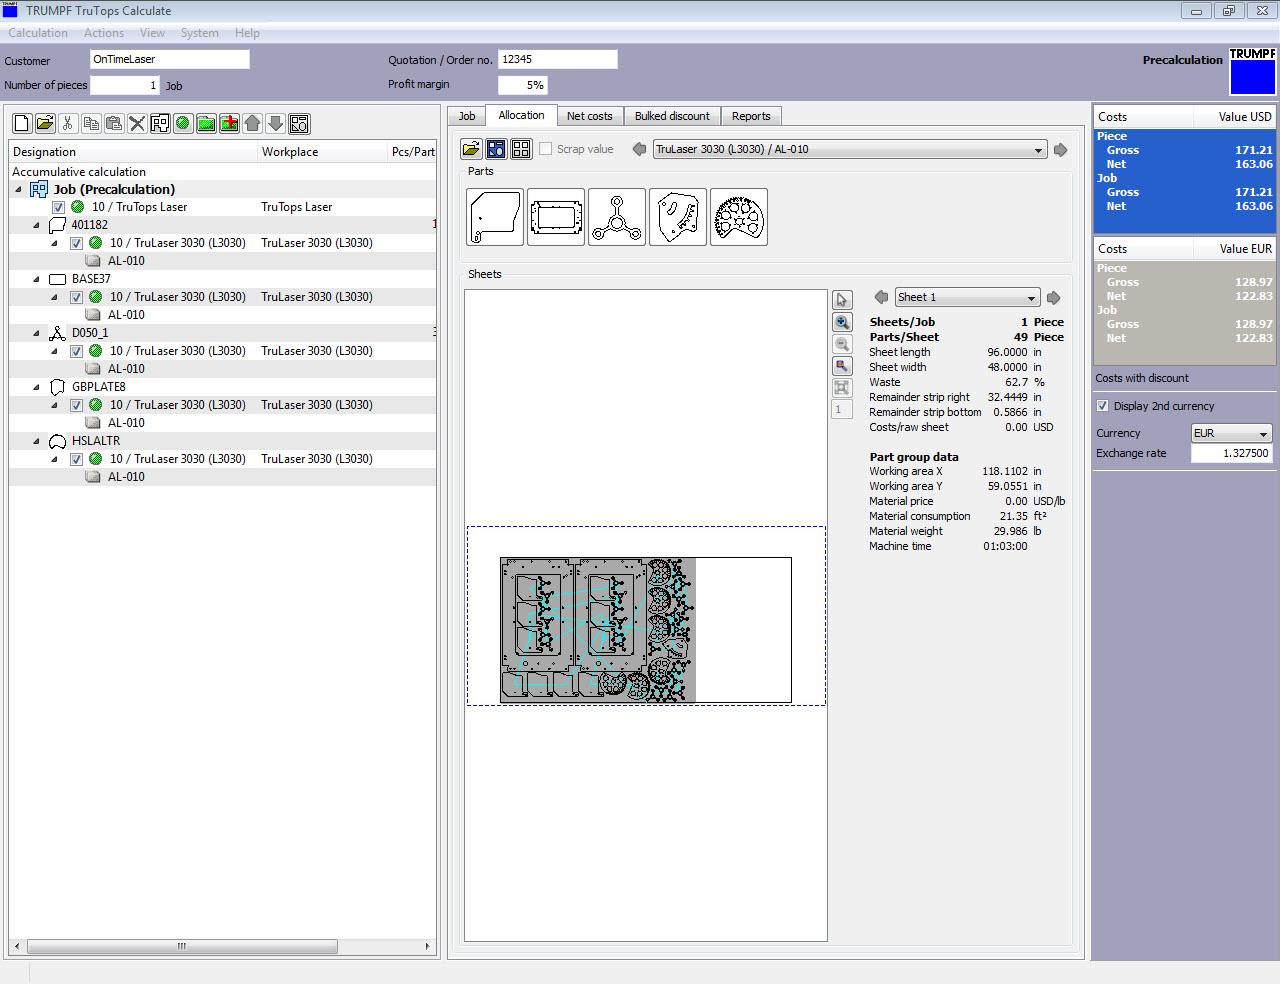 trutops laser programming manual ultimate user guide u2022 rh megauserguide today Radio Programming Checklist Avaya Partner Programming Manual